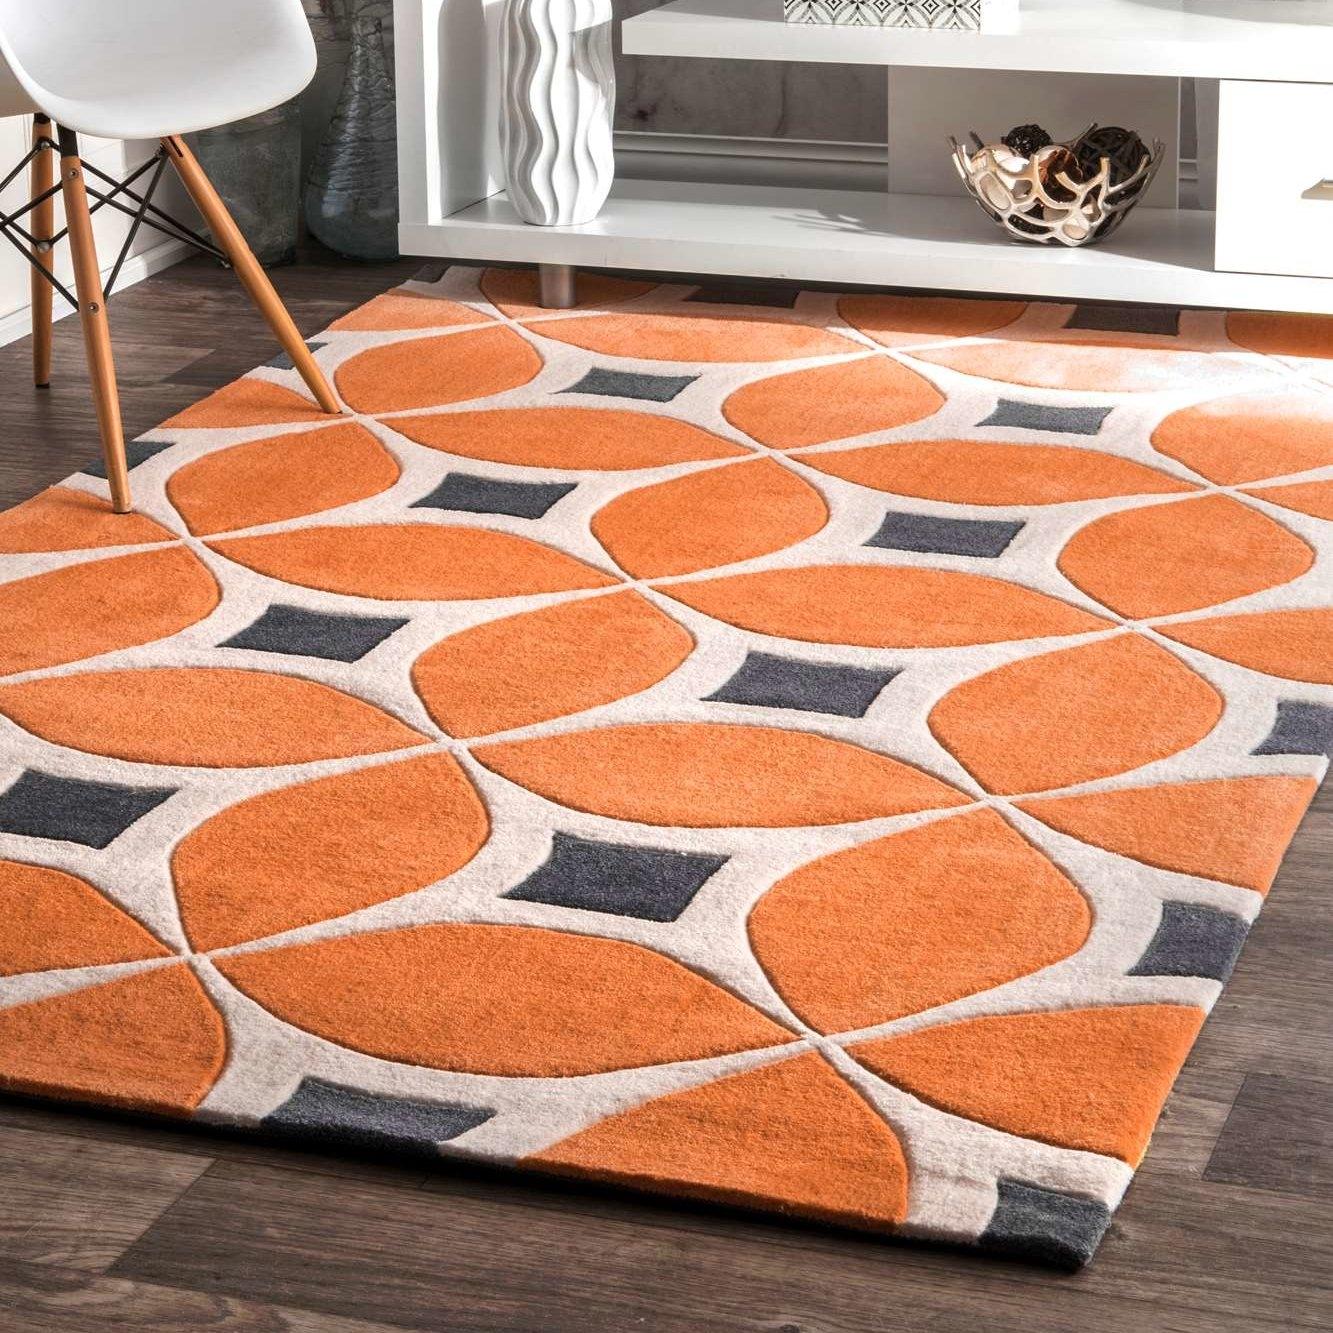 Anya Orange Area Rug Reviews Joss Main In Orange Floor Rugs (View 10 of 15)